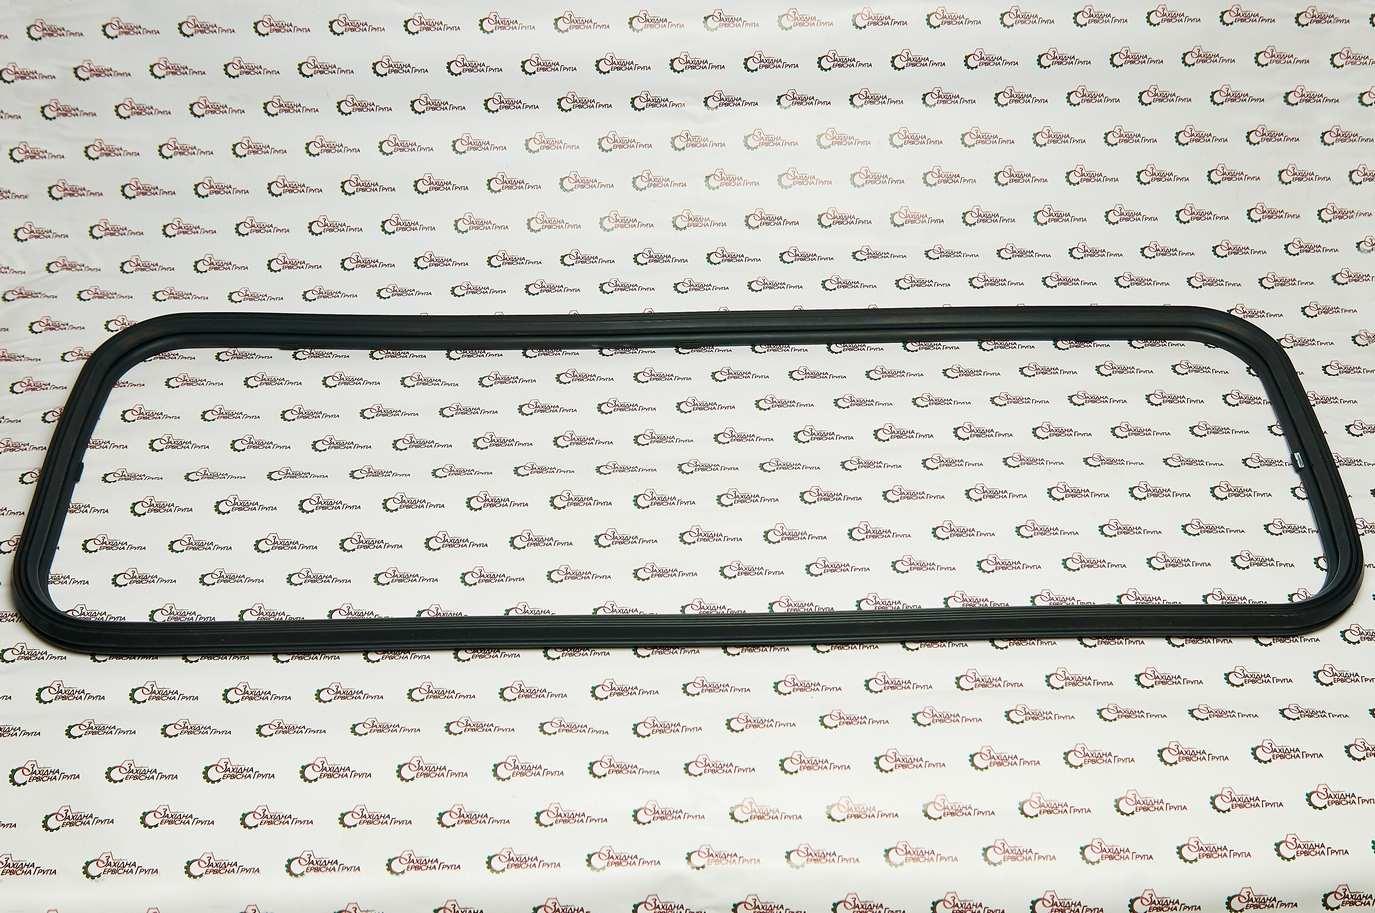 Прокладка піддона IVECO/FPT Cursor 9, 5801541760, 504346309, 504125618